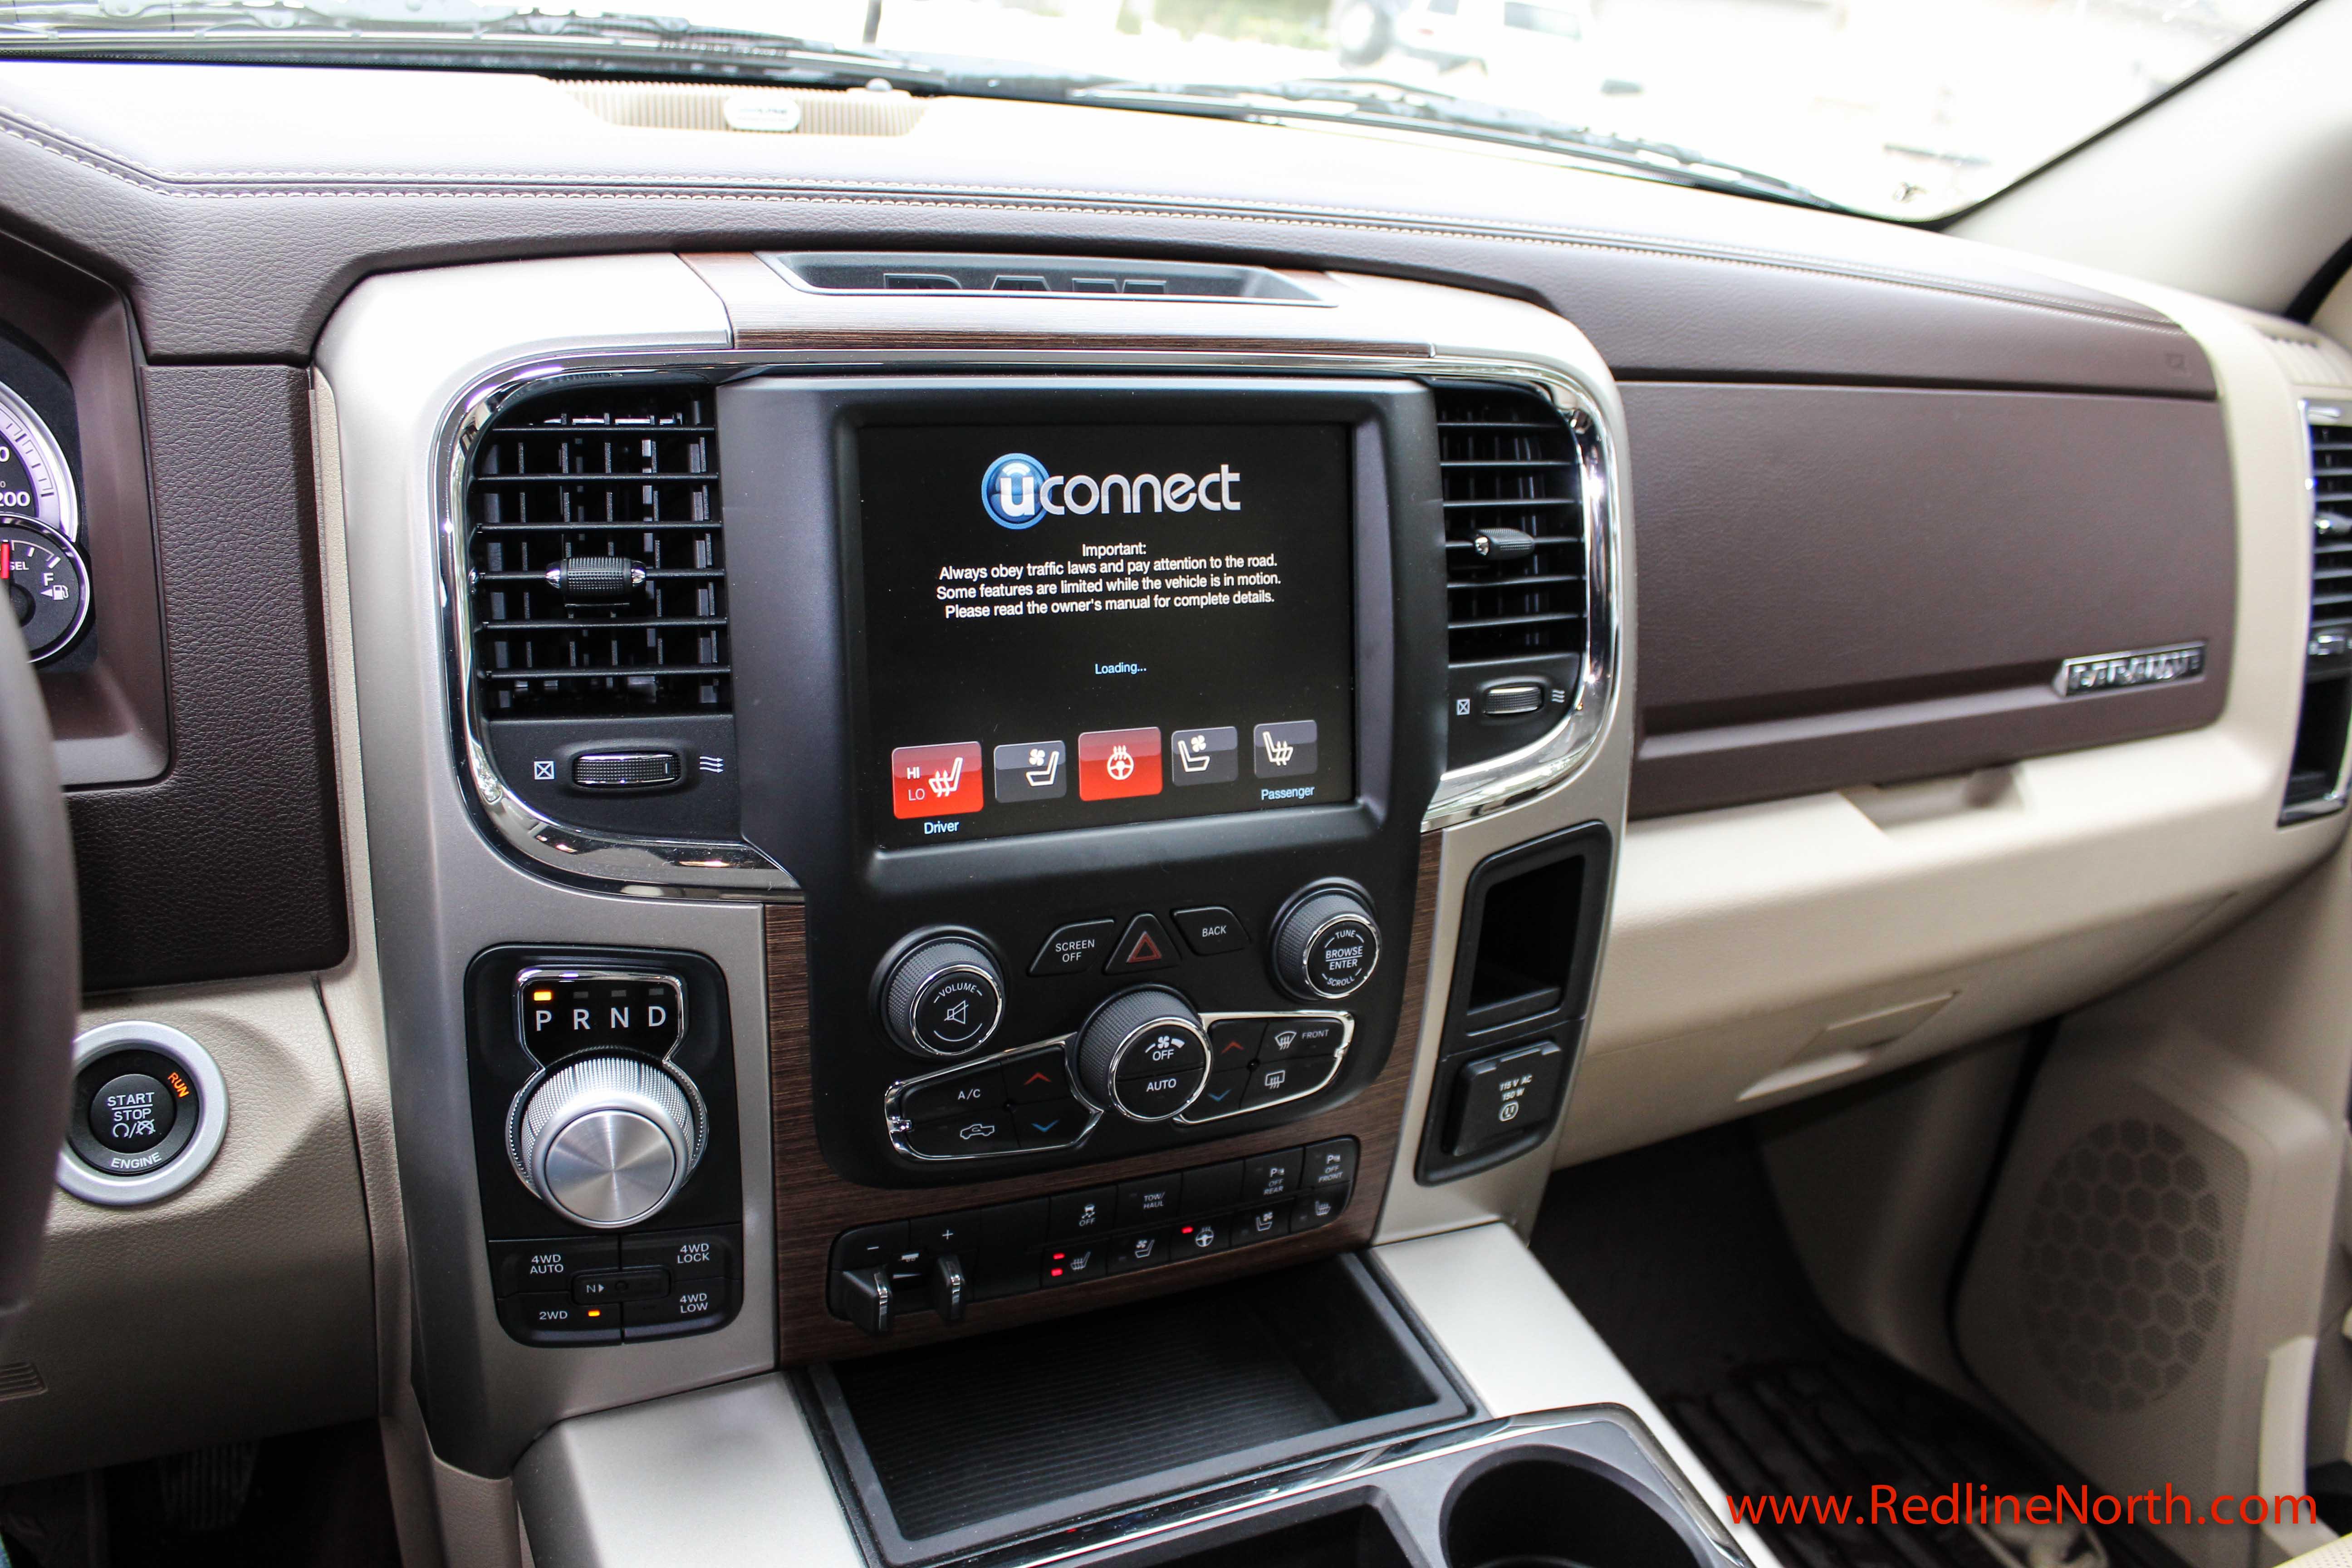 2015 Dodge Ram 1500 sel delivers outstanding fuel efficiency